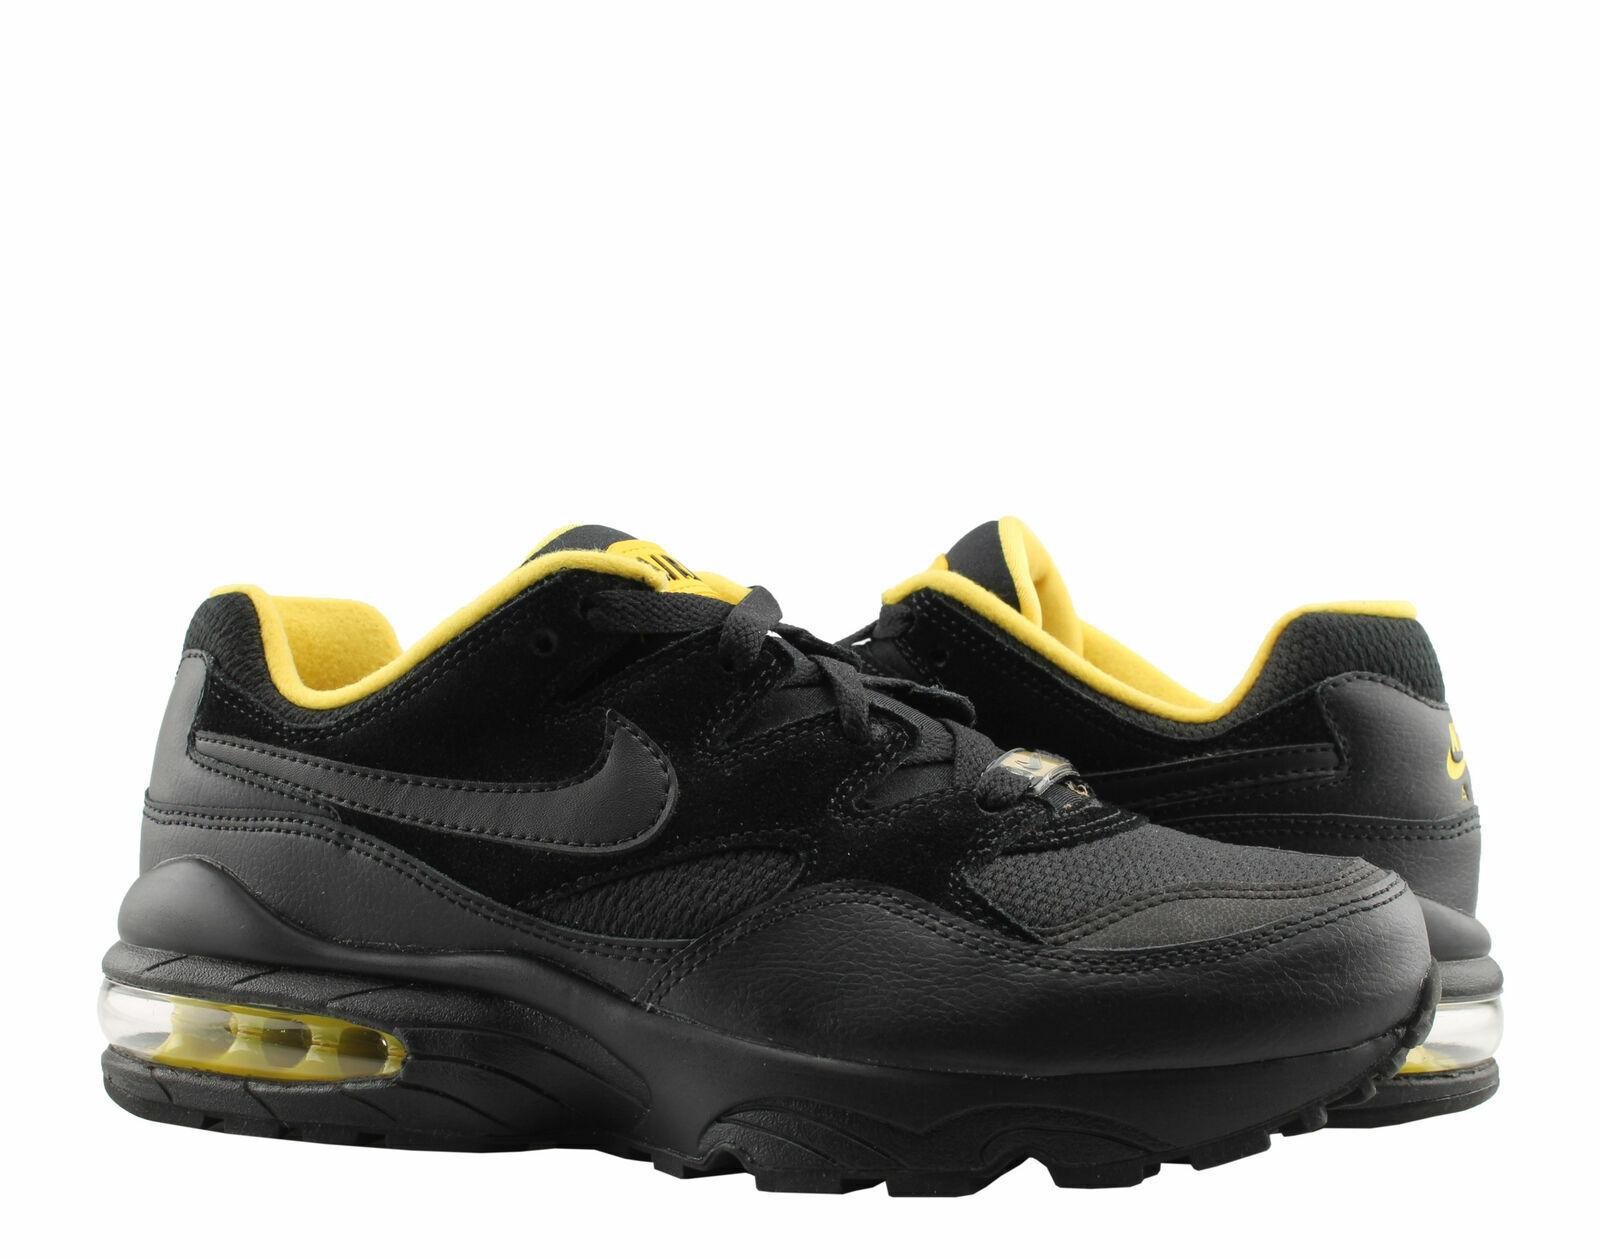 Nike Air Max 94 SE Men's running shoe sneakers AV8197 002 Multiple sizes